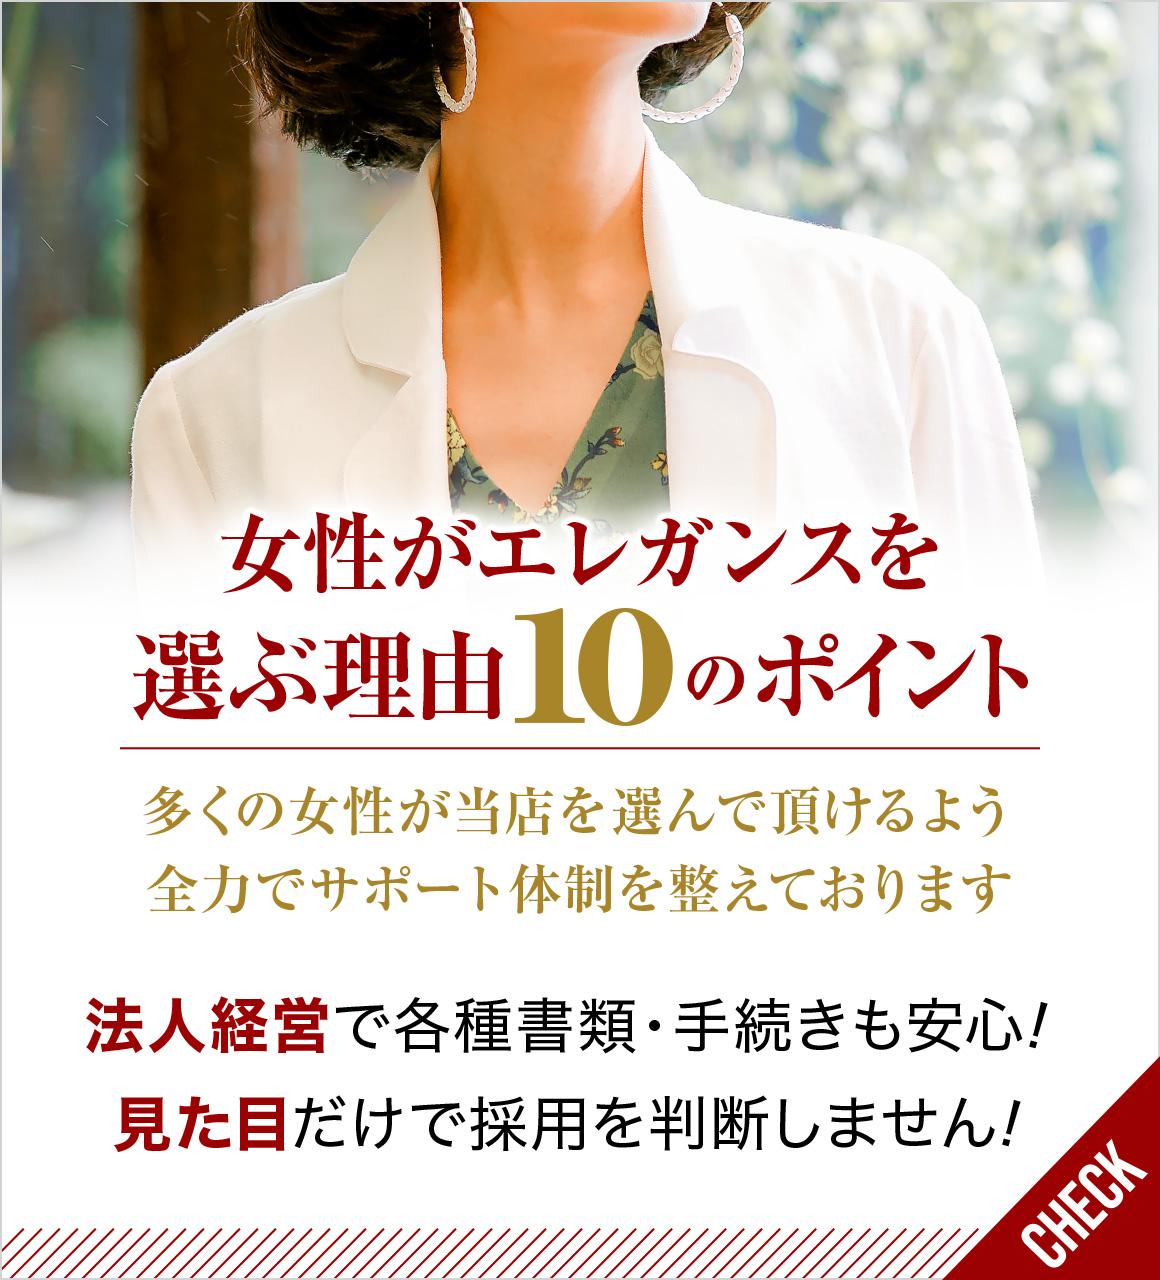 広島トップクラスの人妻デリヘル店【エレガンス】求人 女性がエレガンスを選ぶ10の理由